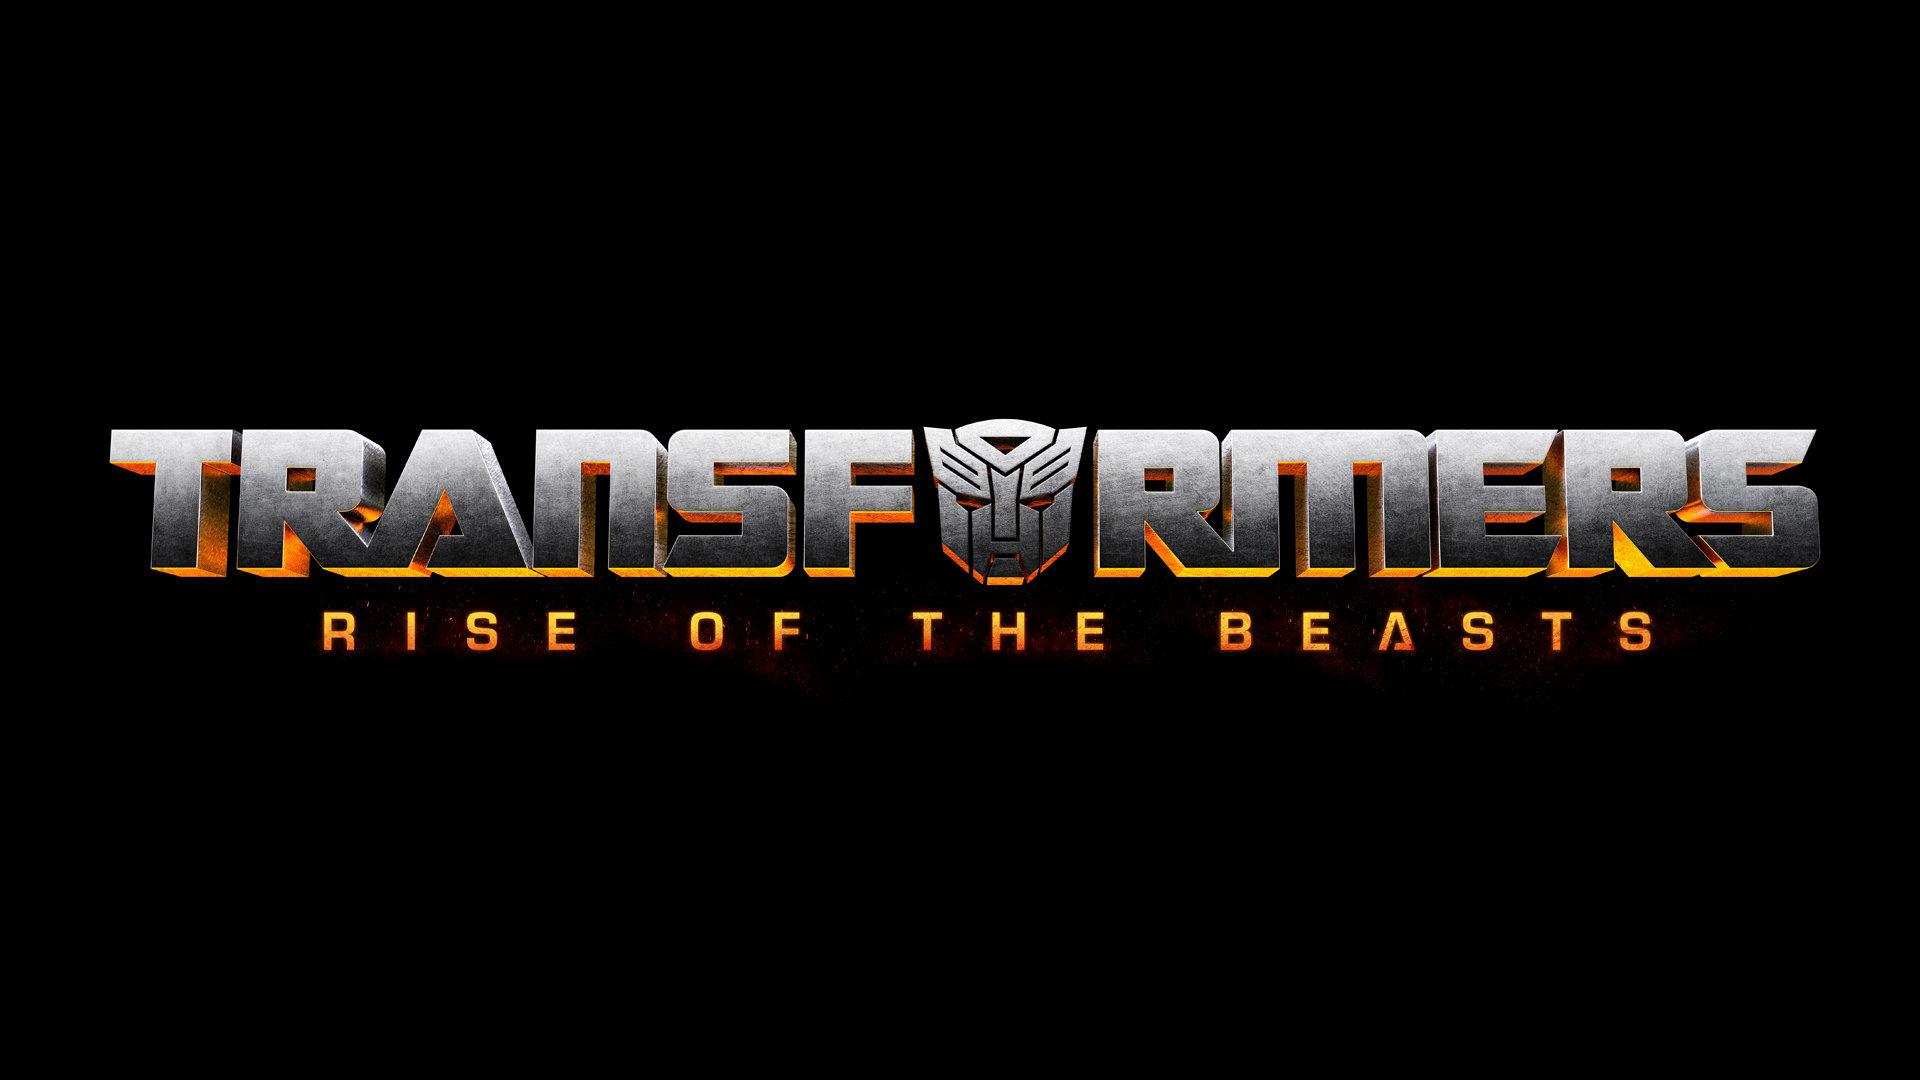 《变形金刚》第七部定名 霸气副标题《野兽崛起》(